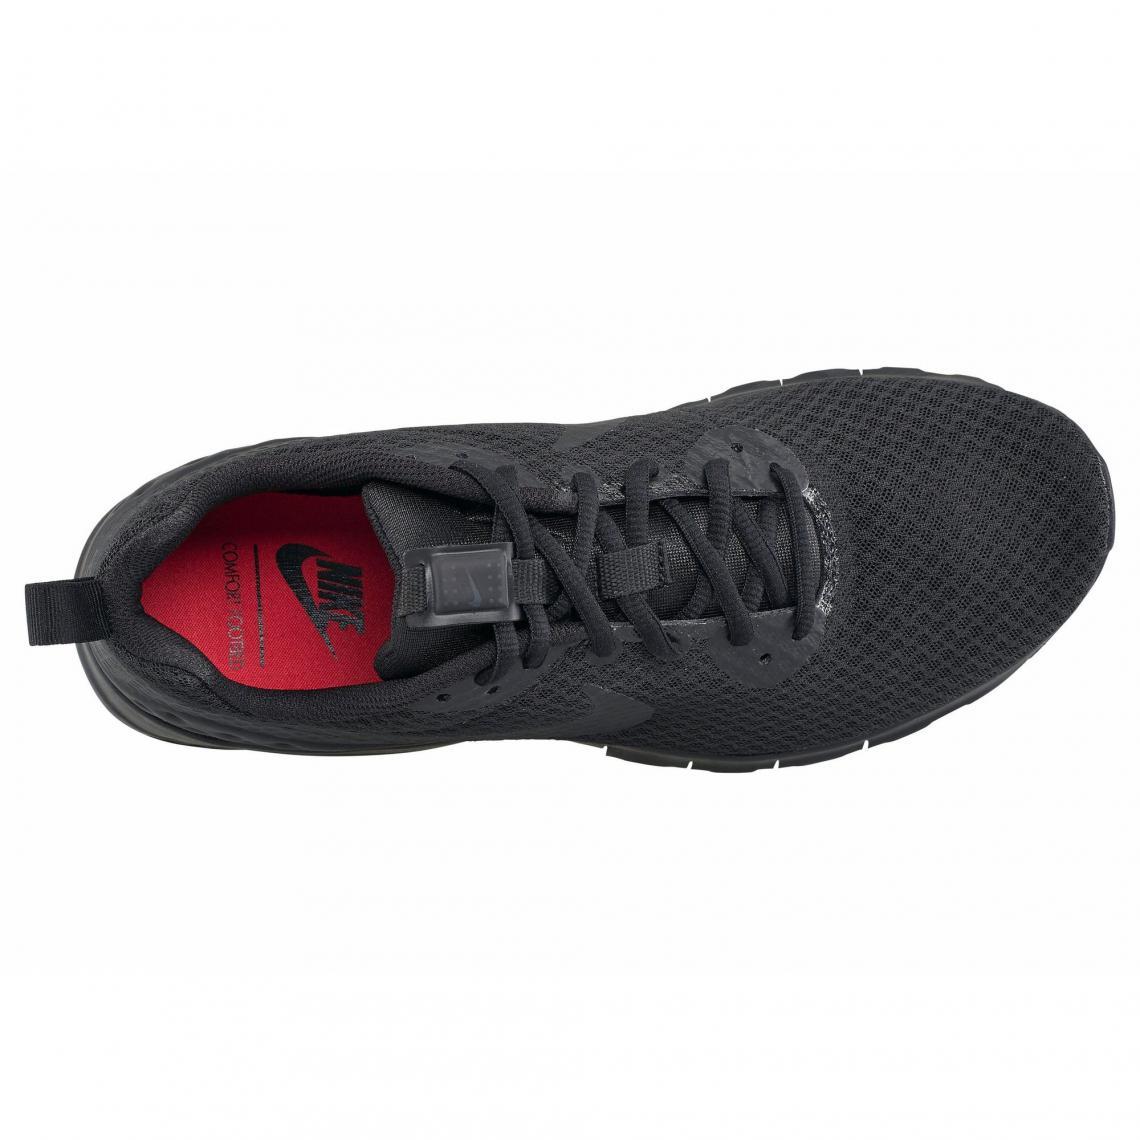 nice shoes 32b56 b935f Toutes les chaussures Nike Cliquez l image pour l agrandir. Nike Air Max  Motion LW chaussures de running homme - Noir Nike